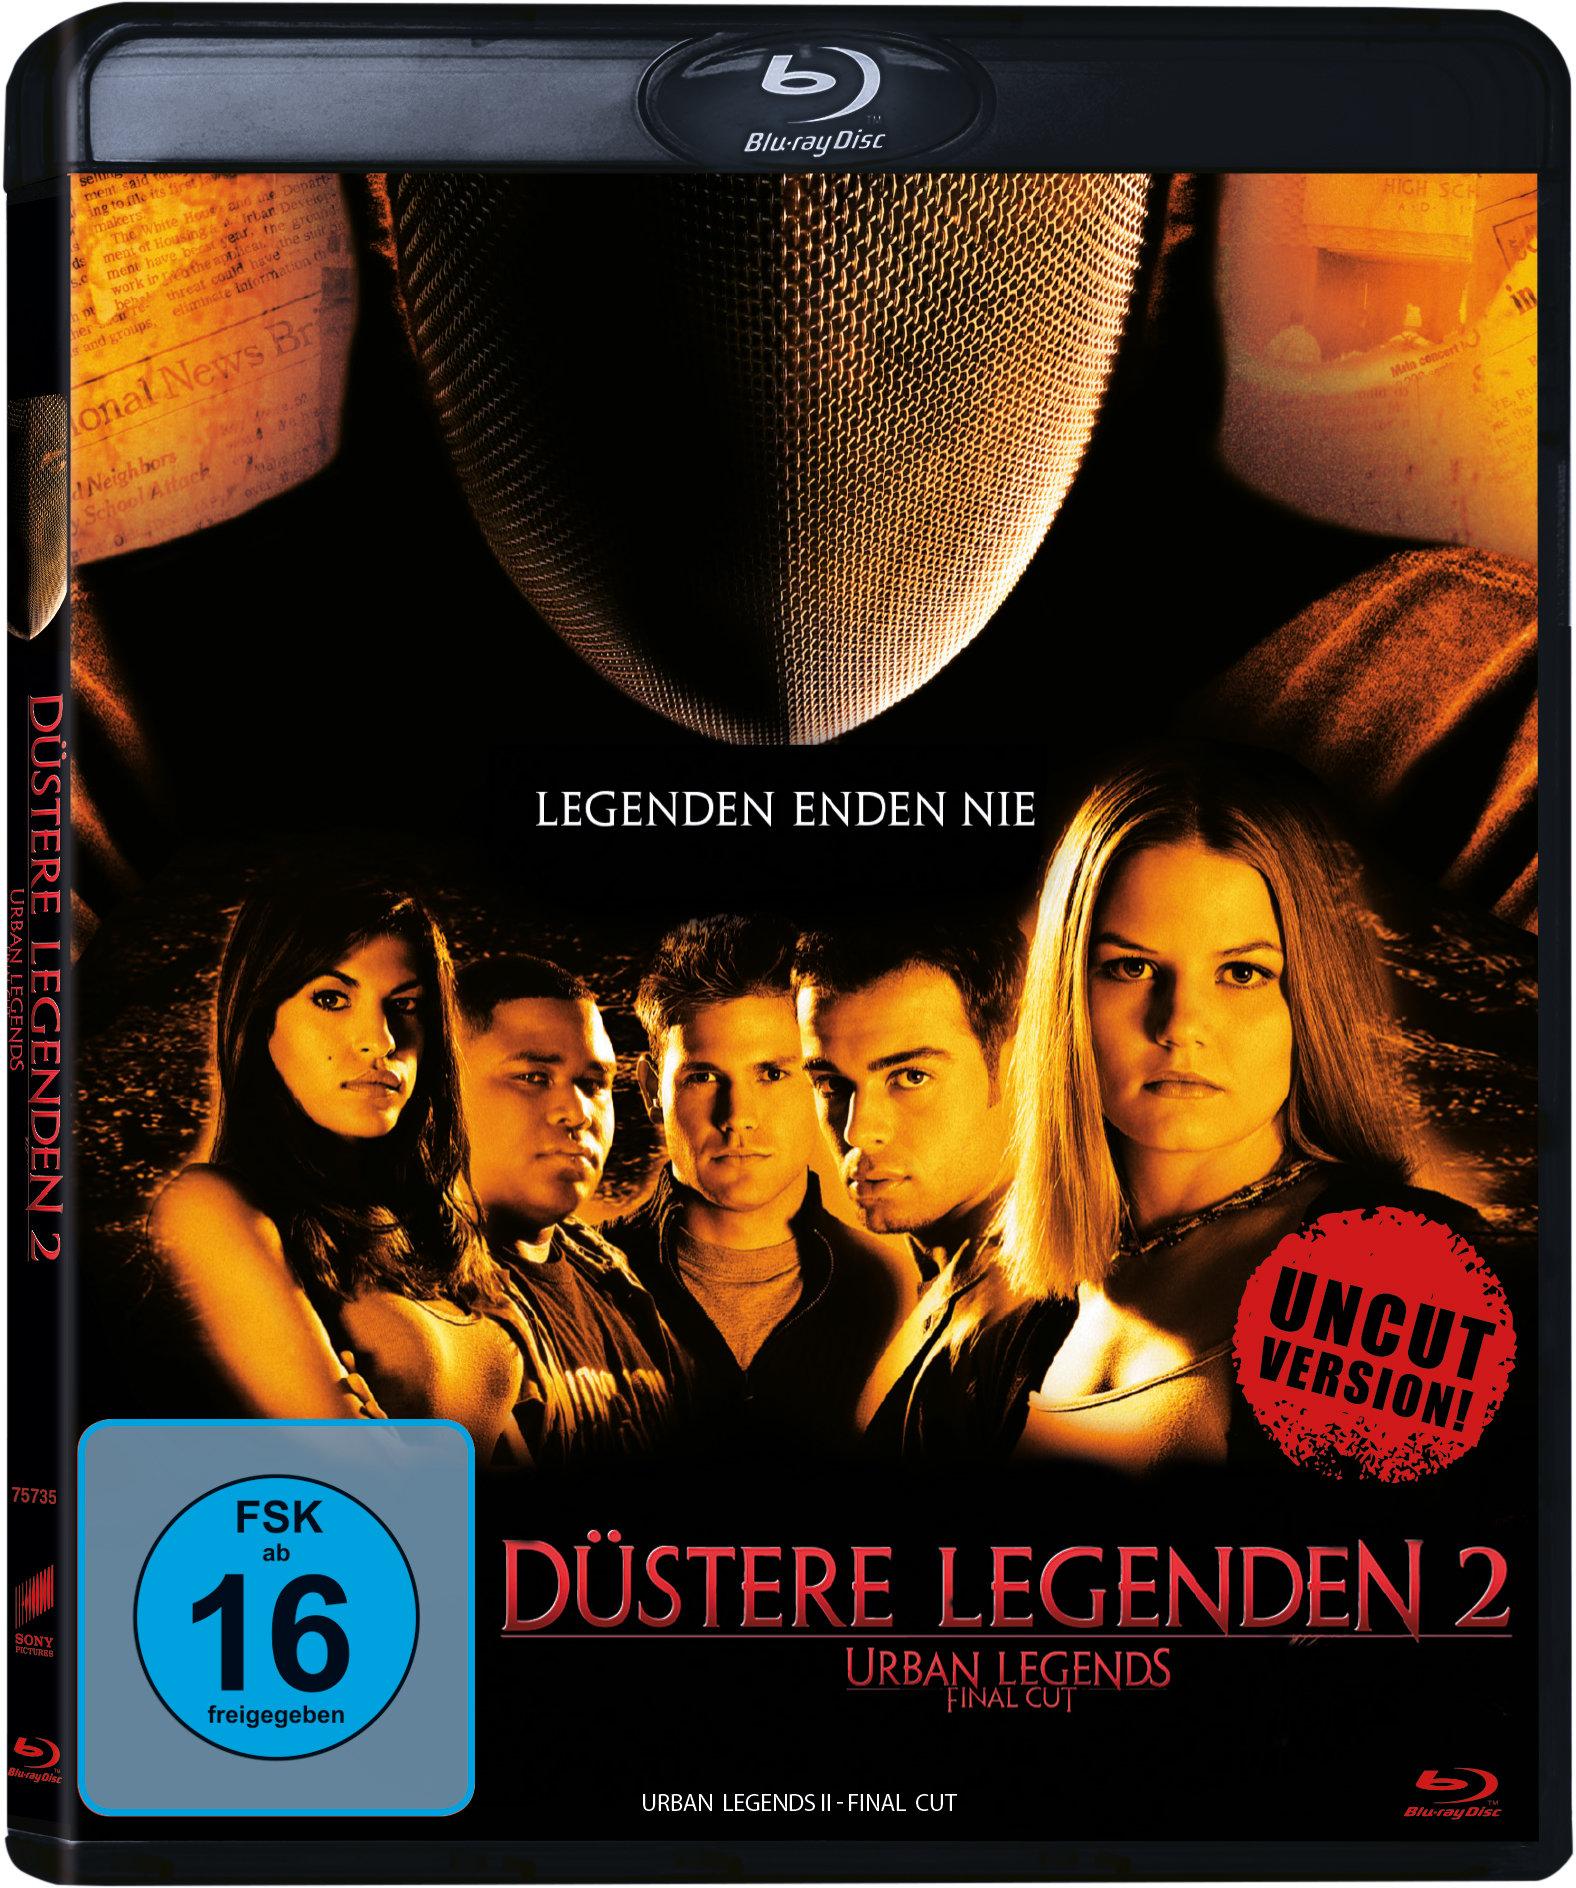 Das Blu-Ray-Cover von Duestere Legenden 2